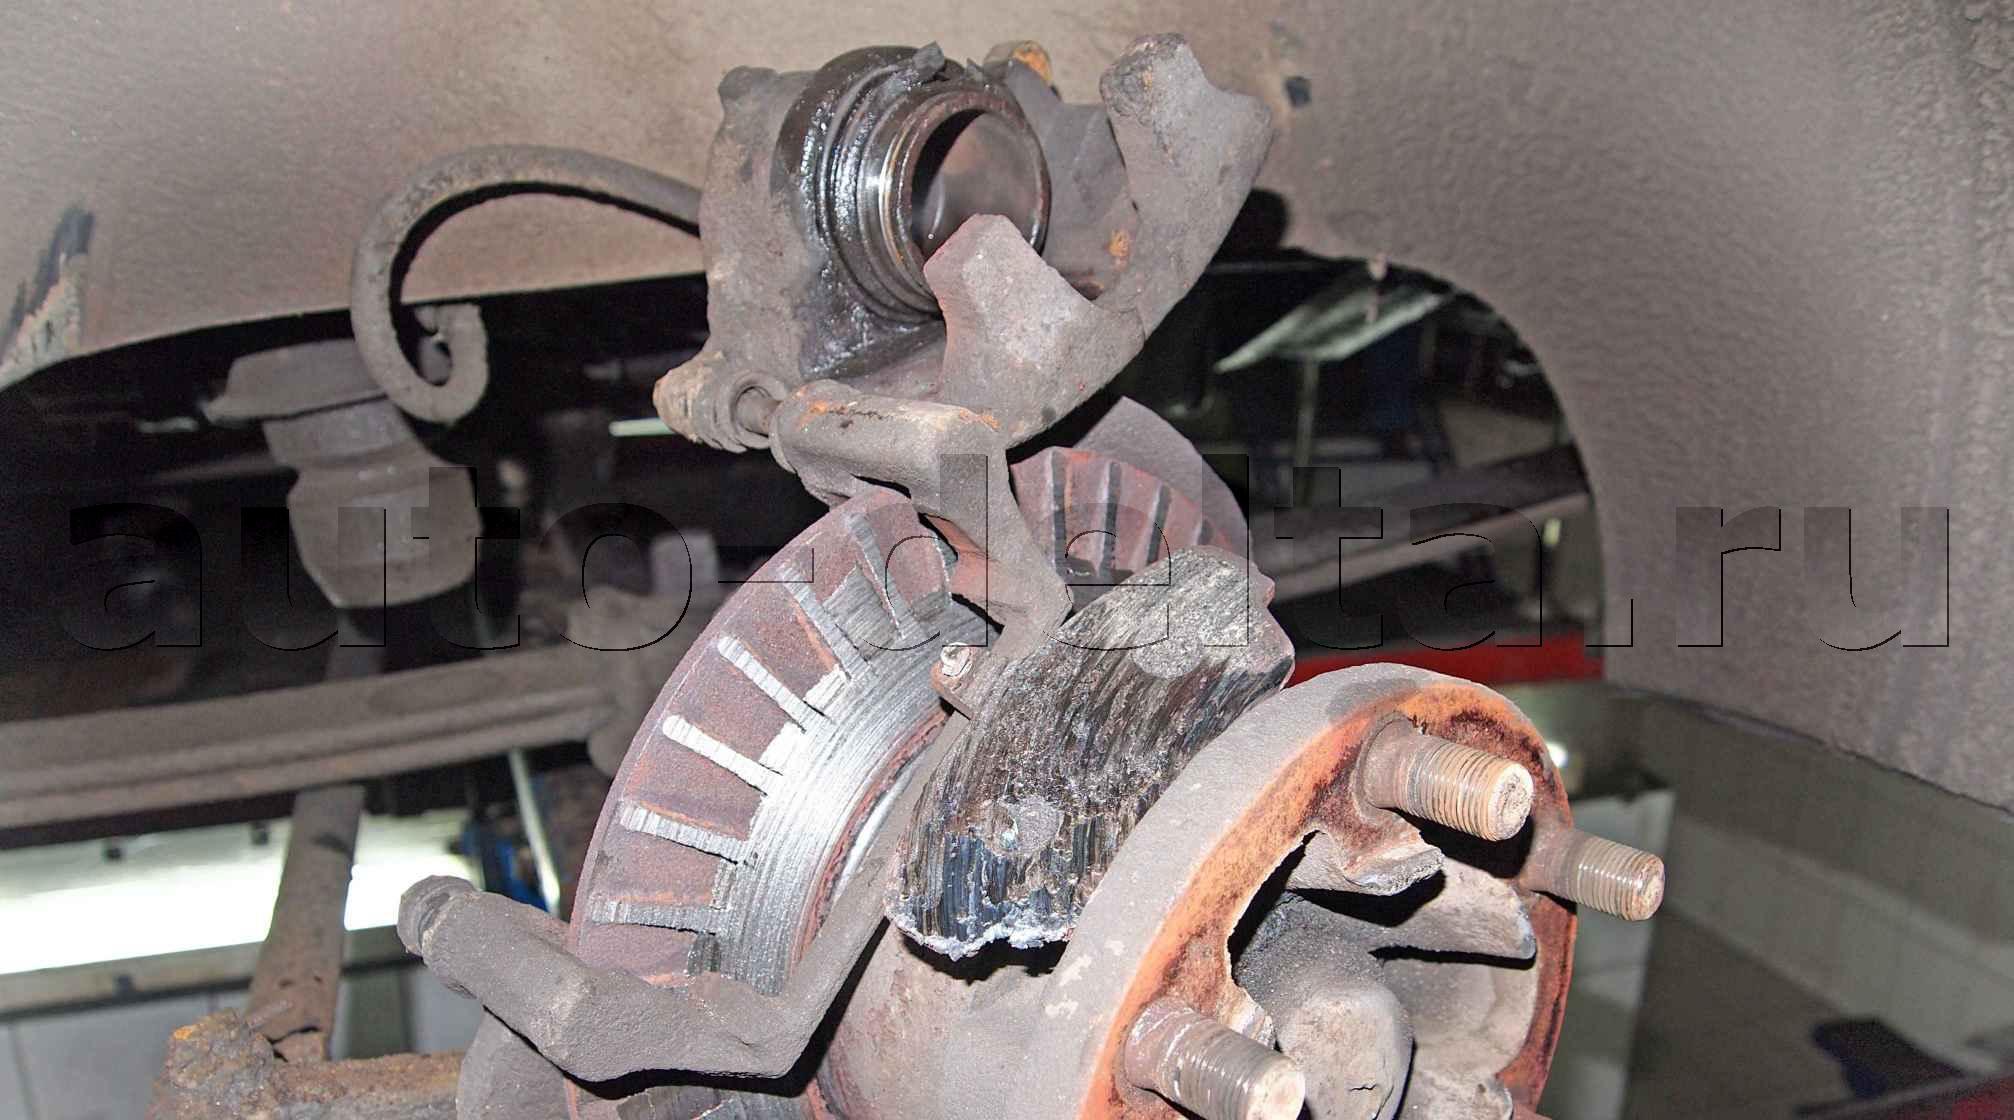 Ремонт рабочего тормозного цилиндра или как чуть не заклинило колесо 8